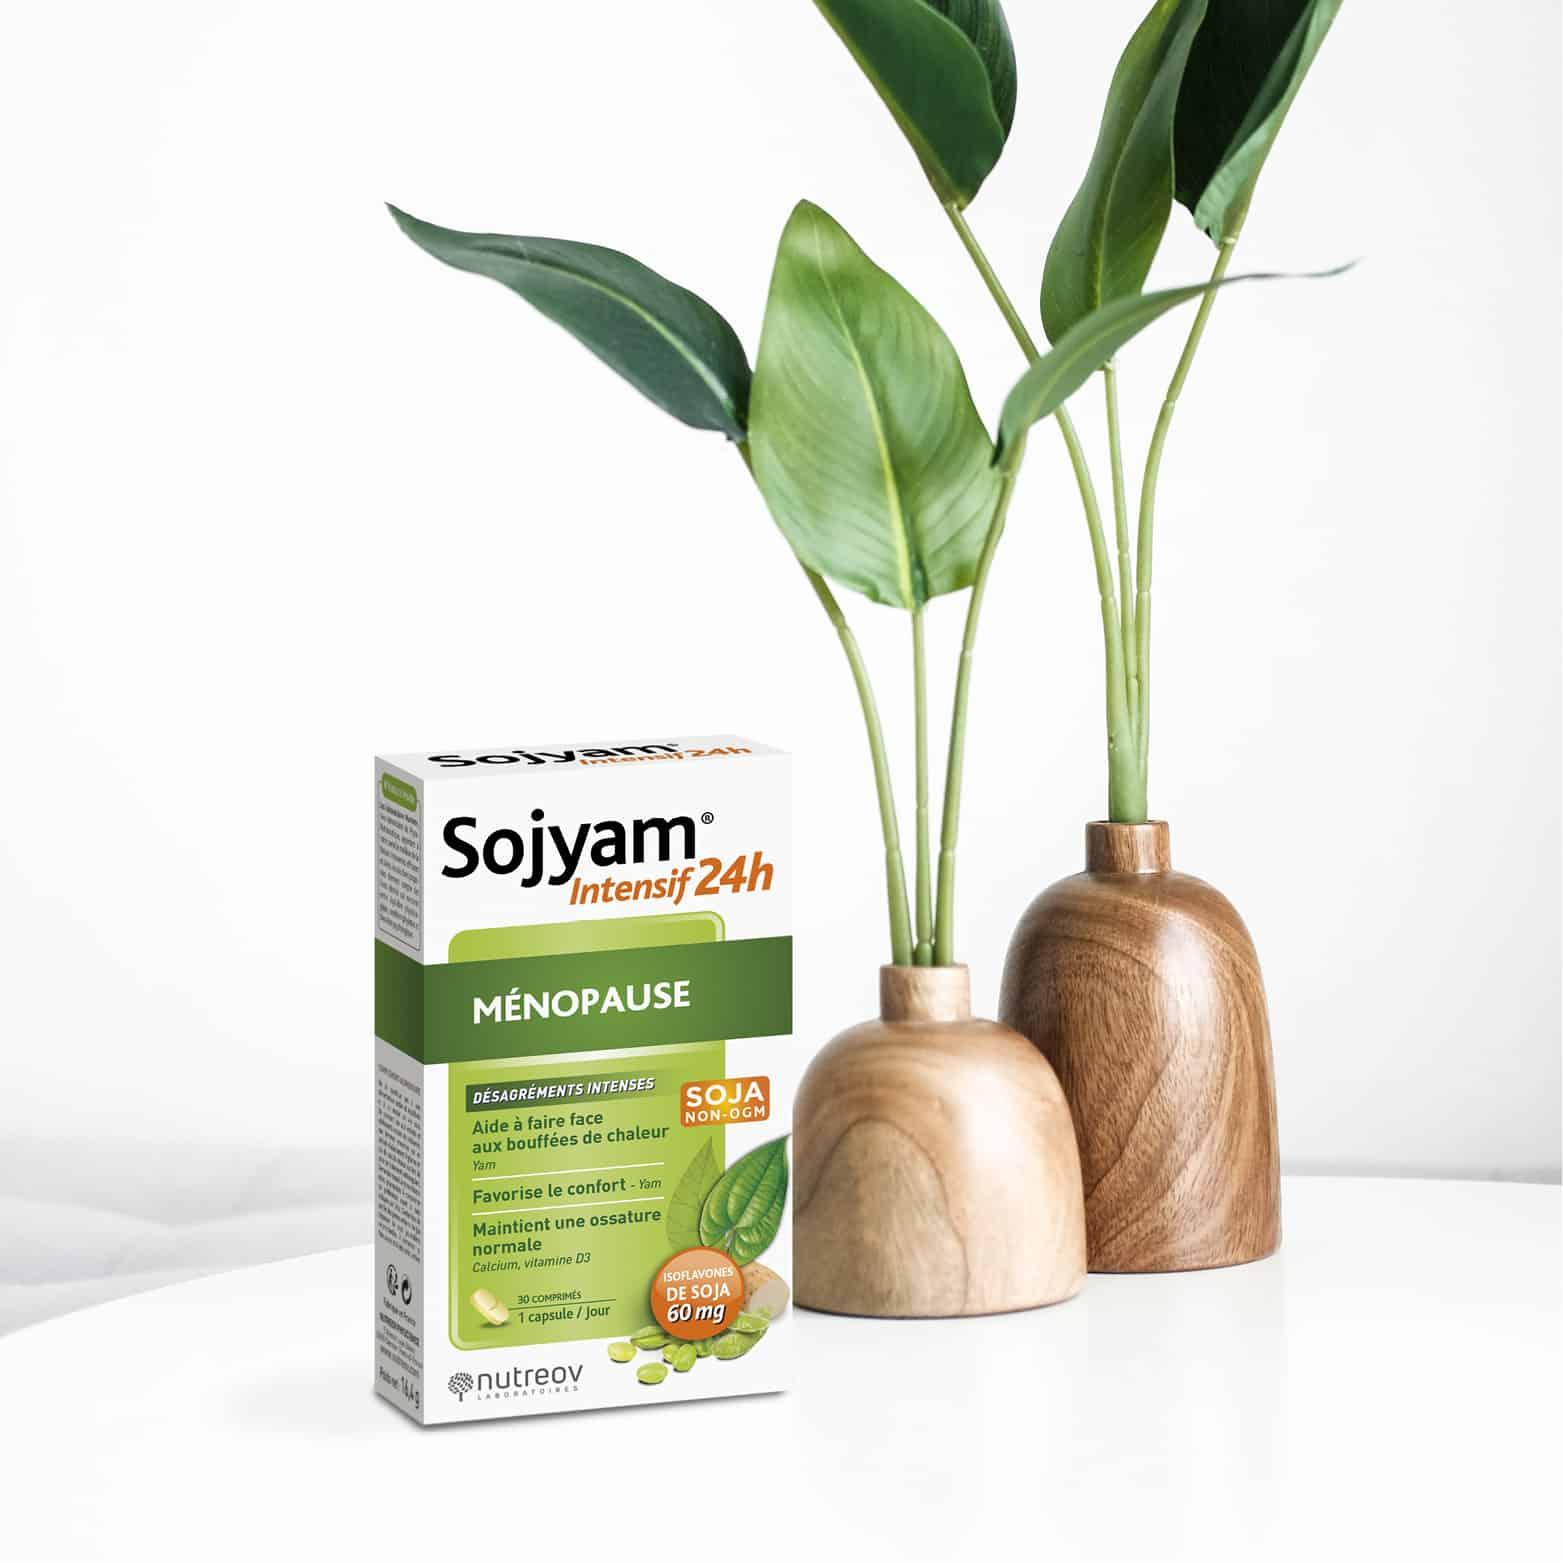 Sojyam® Intensif 24h Ménopause